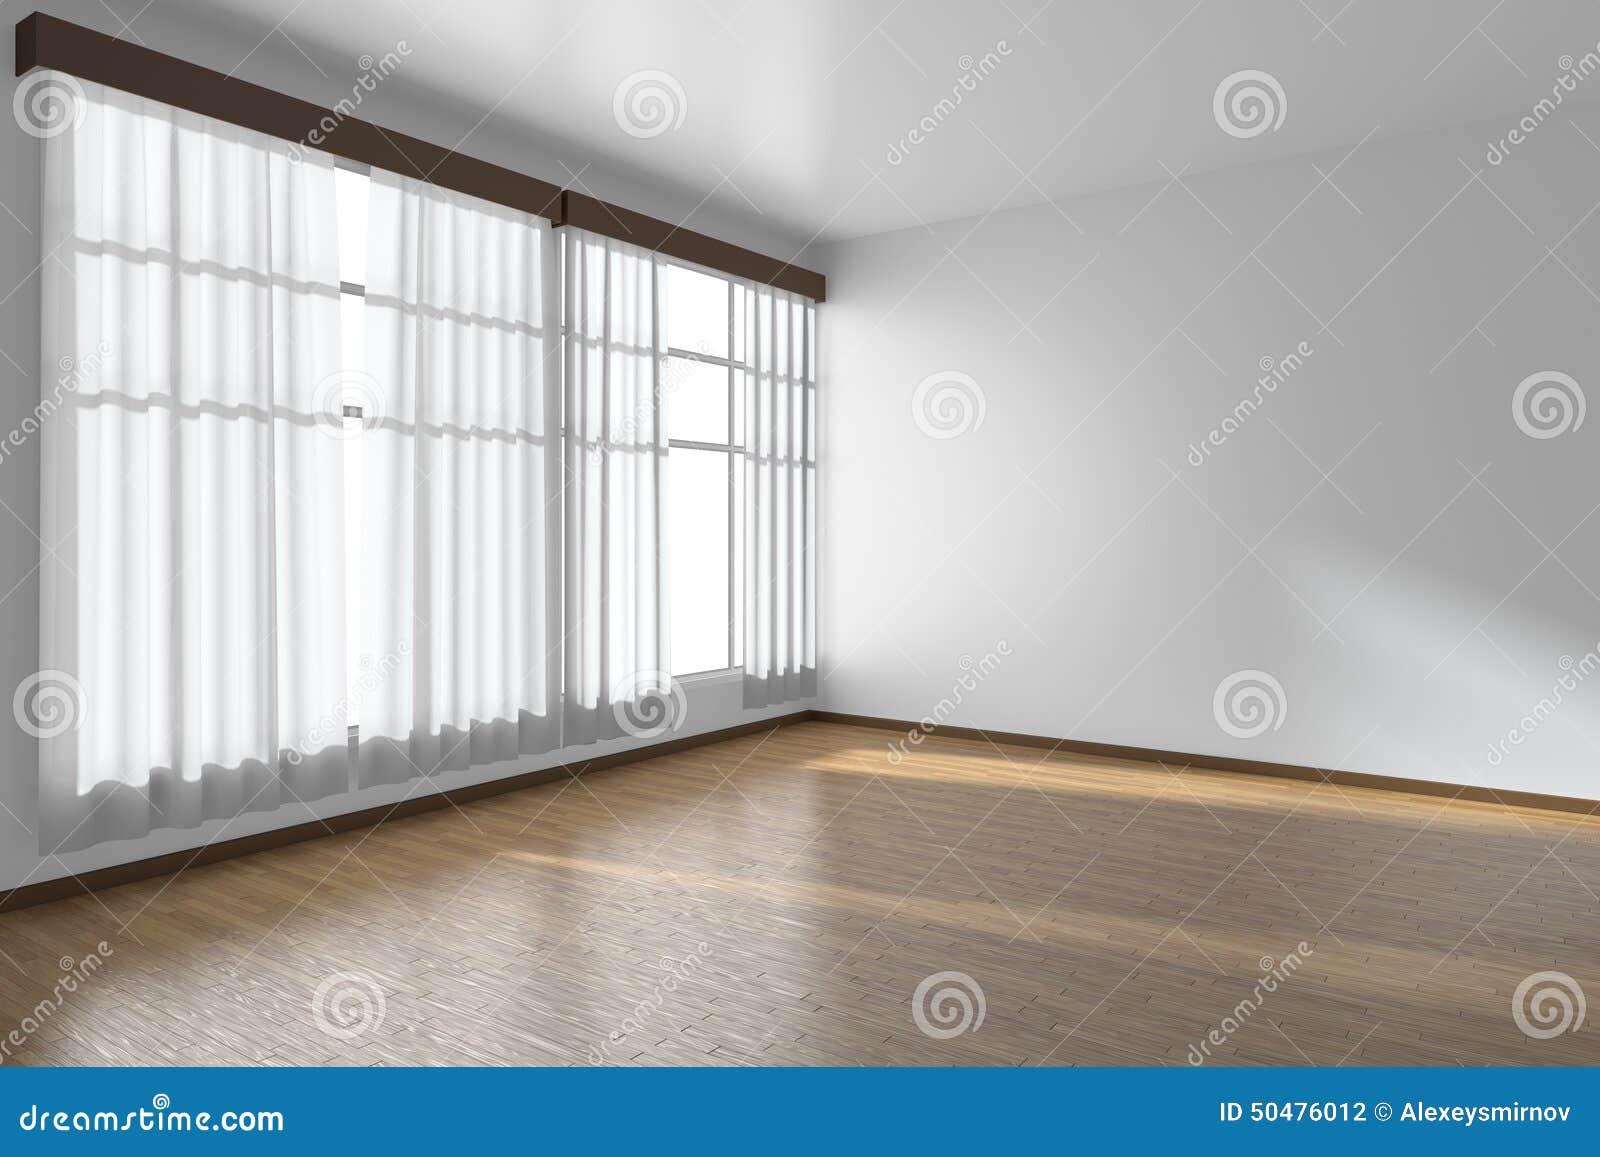 wei er leerer raum mit flachen w nden parkettboden stock abbildung bild 50476012. Black Bedroom Furniture Sets. Home Design Ideas